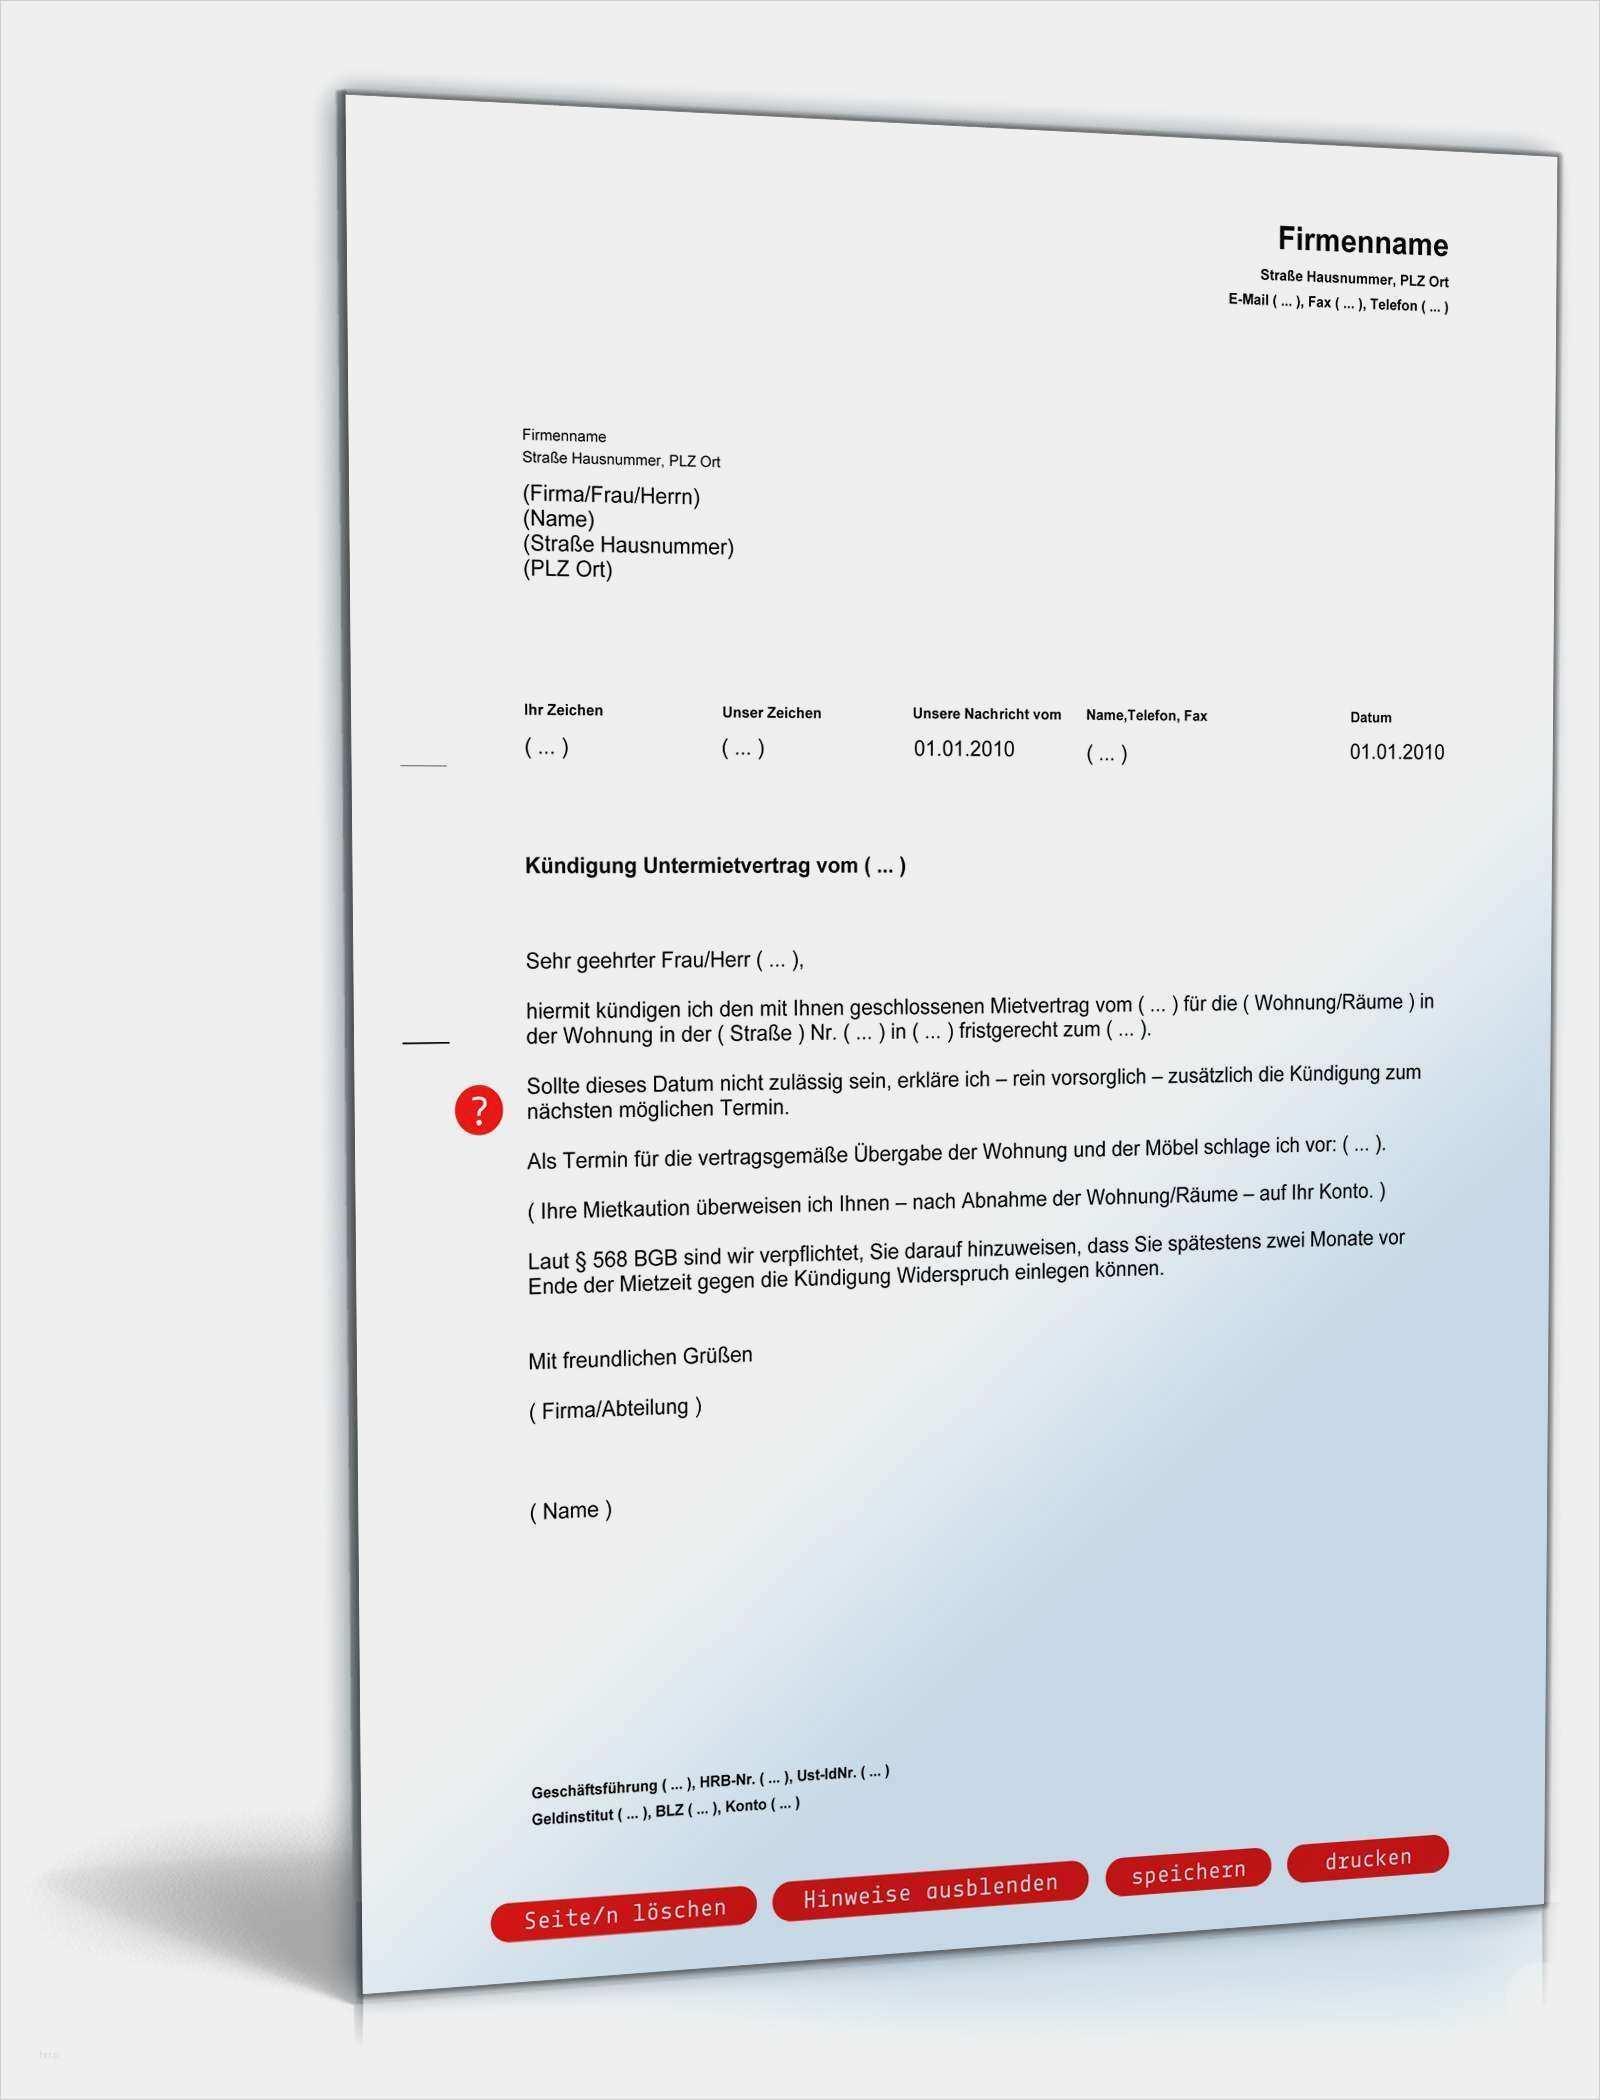 39 Gut Untermietvertrag Vorlage Kostenlos Wg Vorrate Vorlagen Vorlagen Word Flyer Vorlage